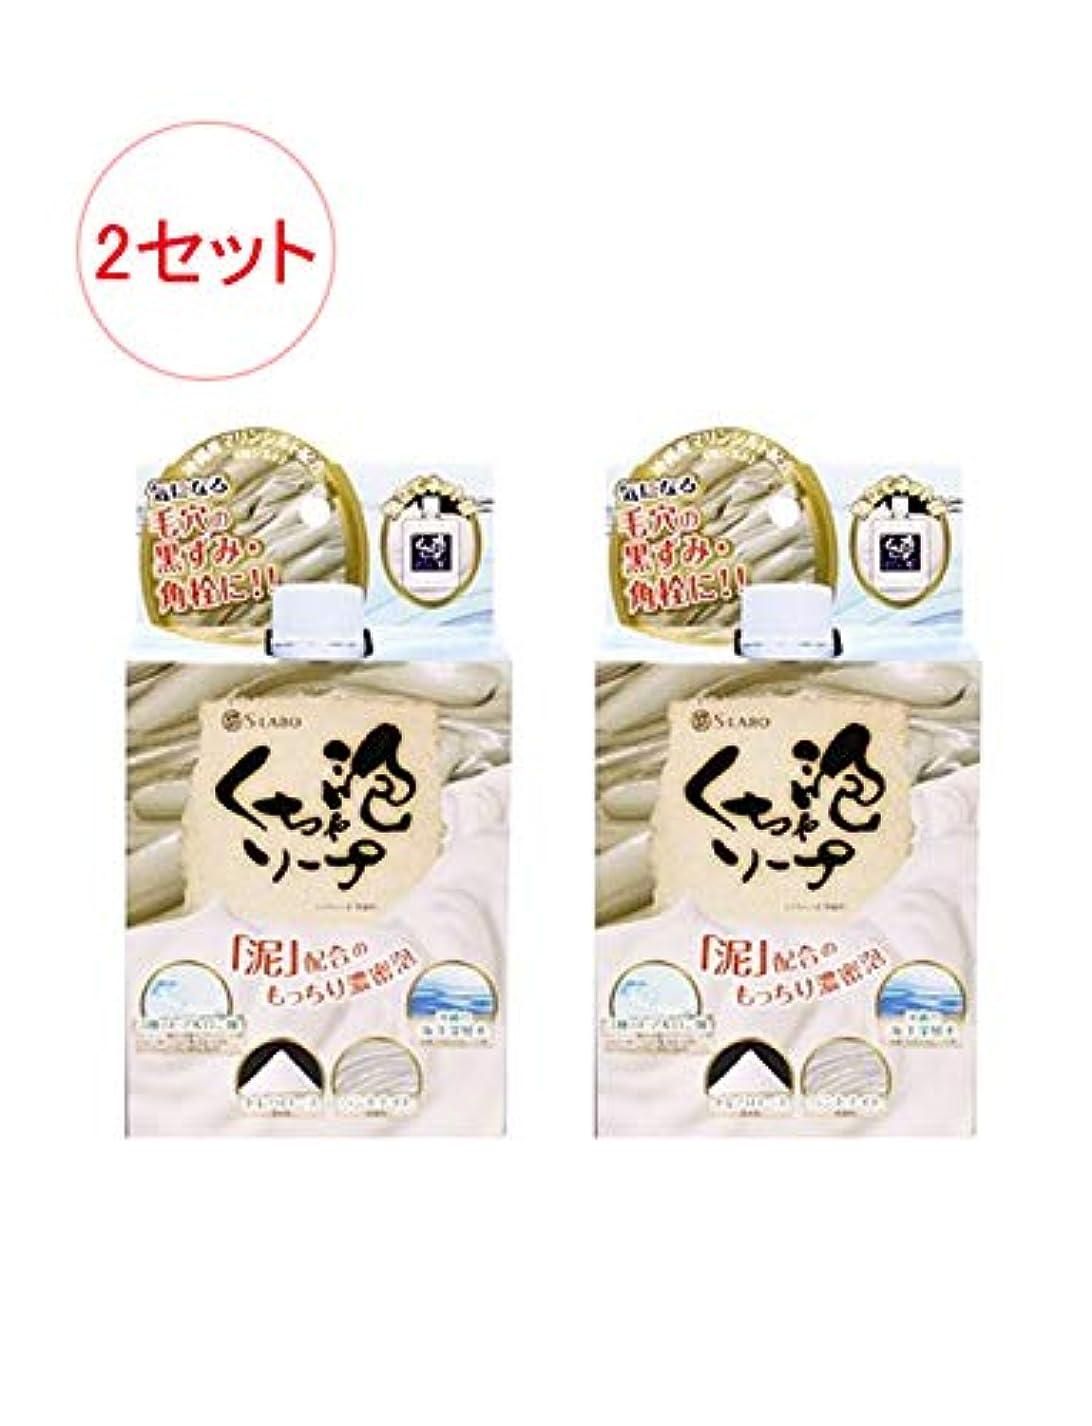 日本製 モコモコくちゃ泡ソープ 100g x 2セット